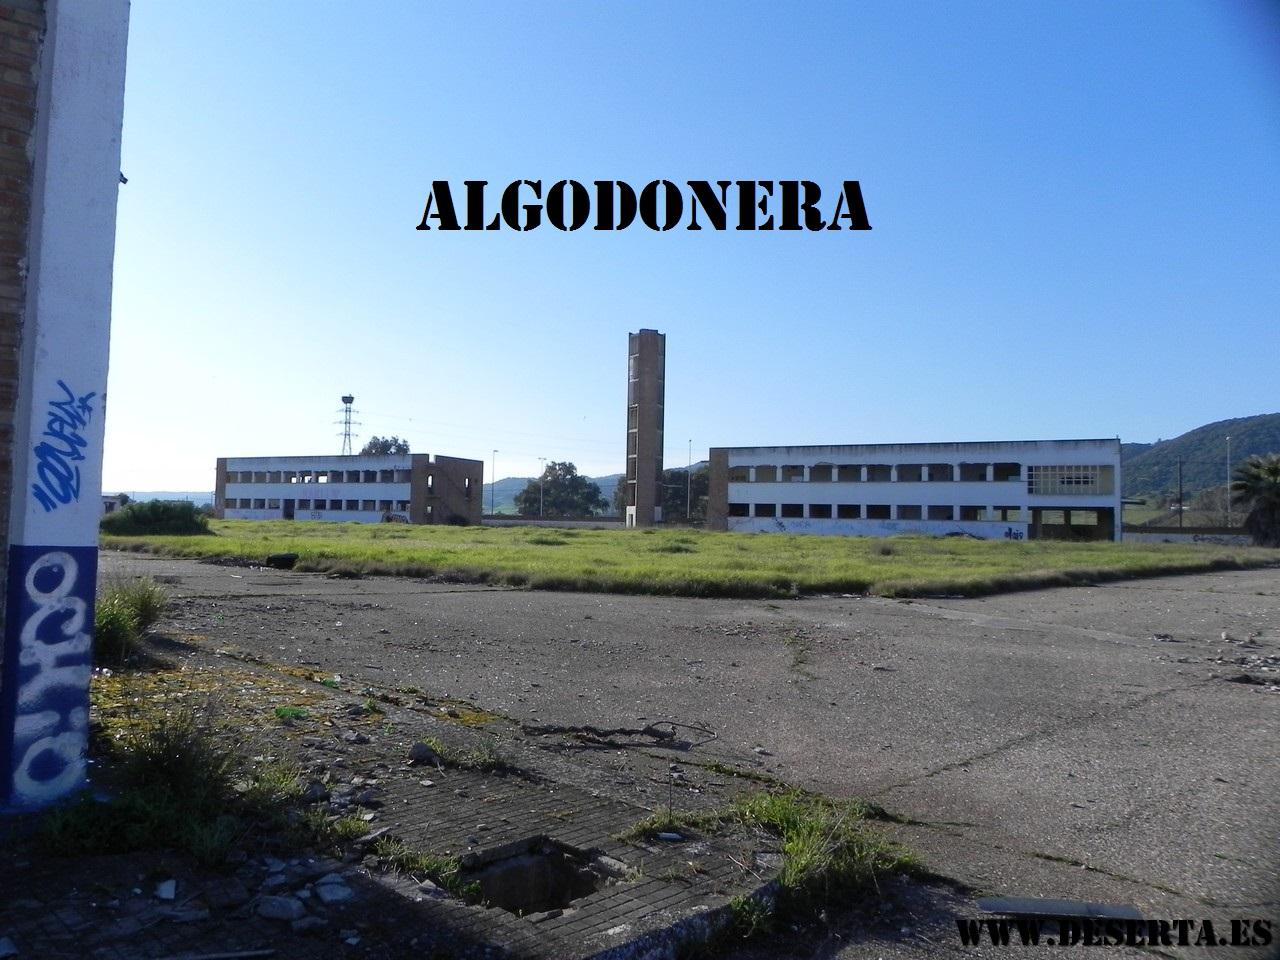 Algodonera